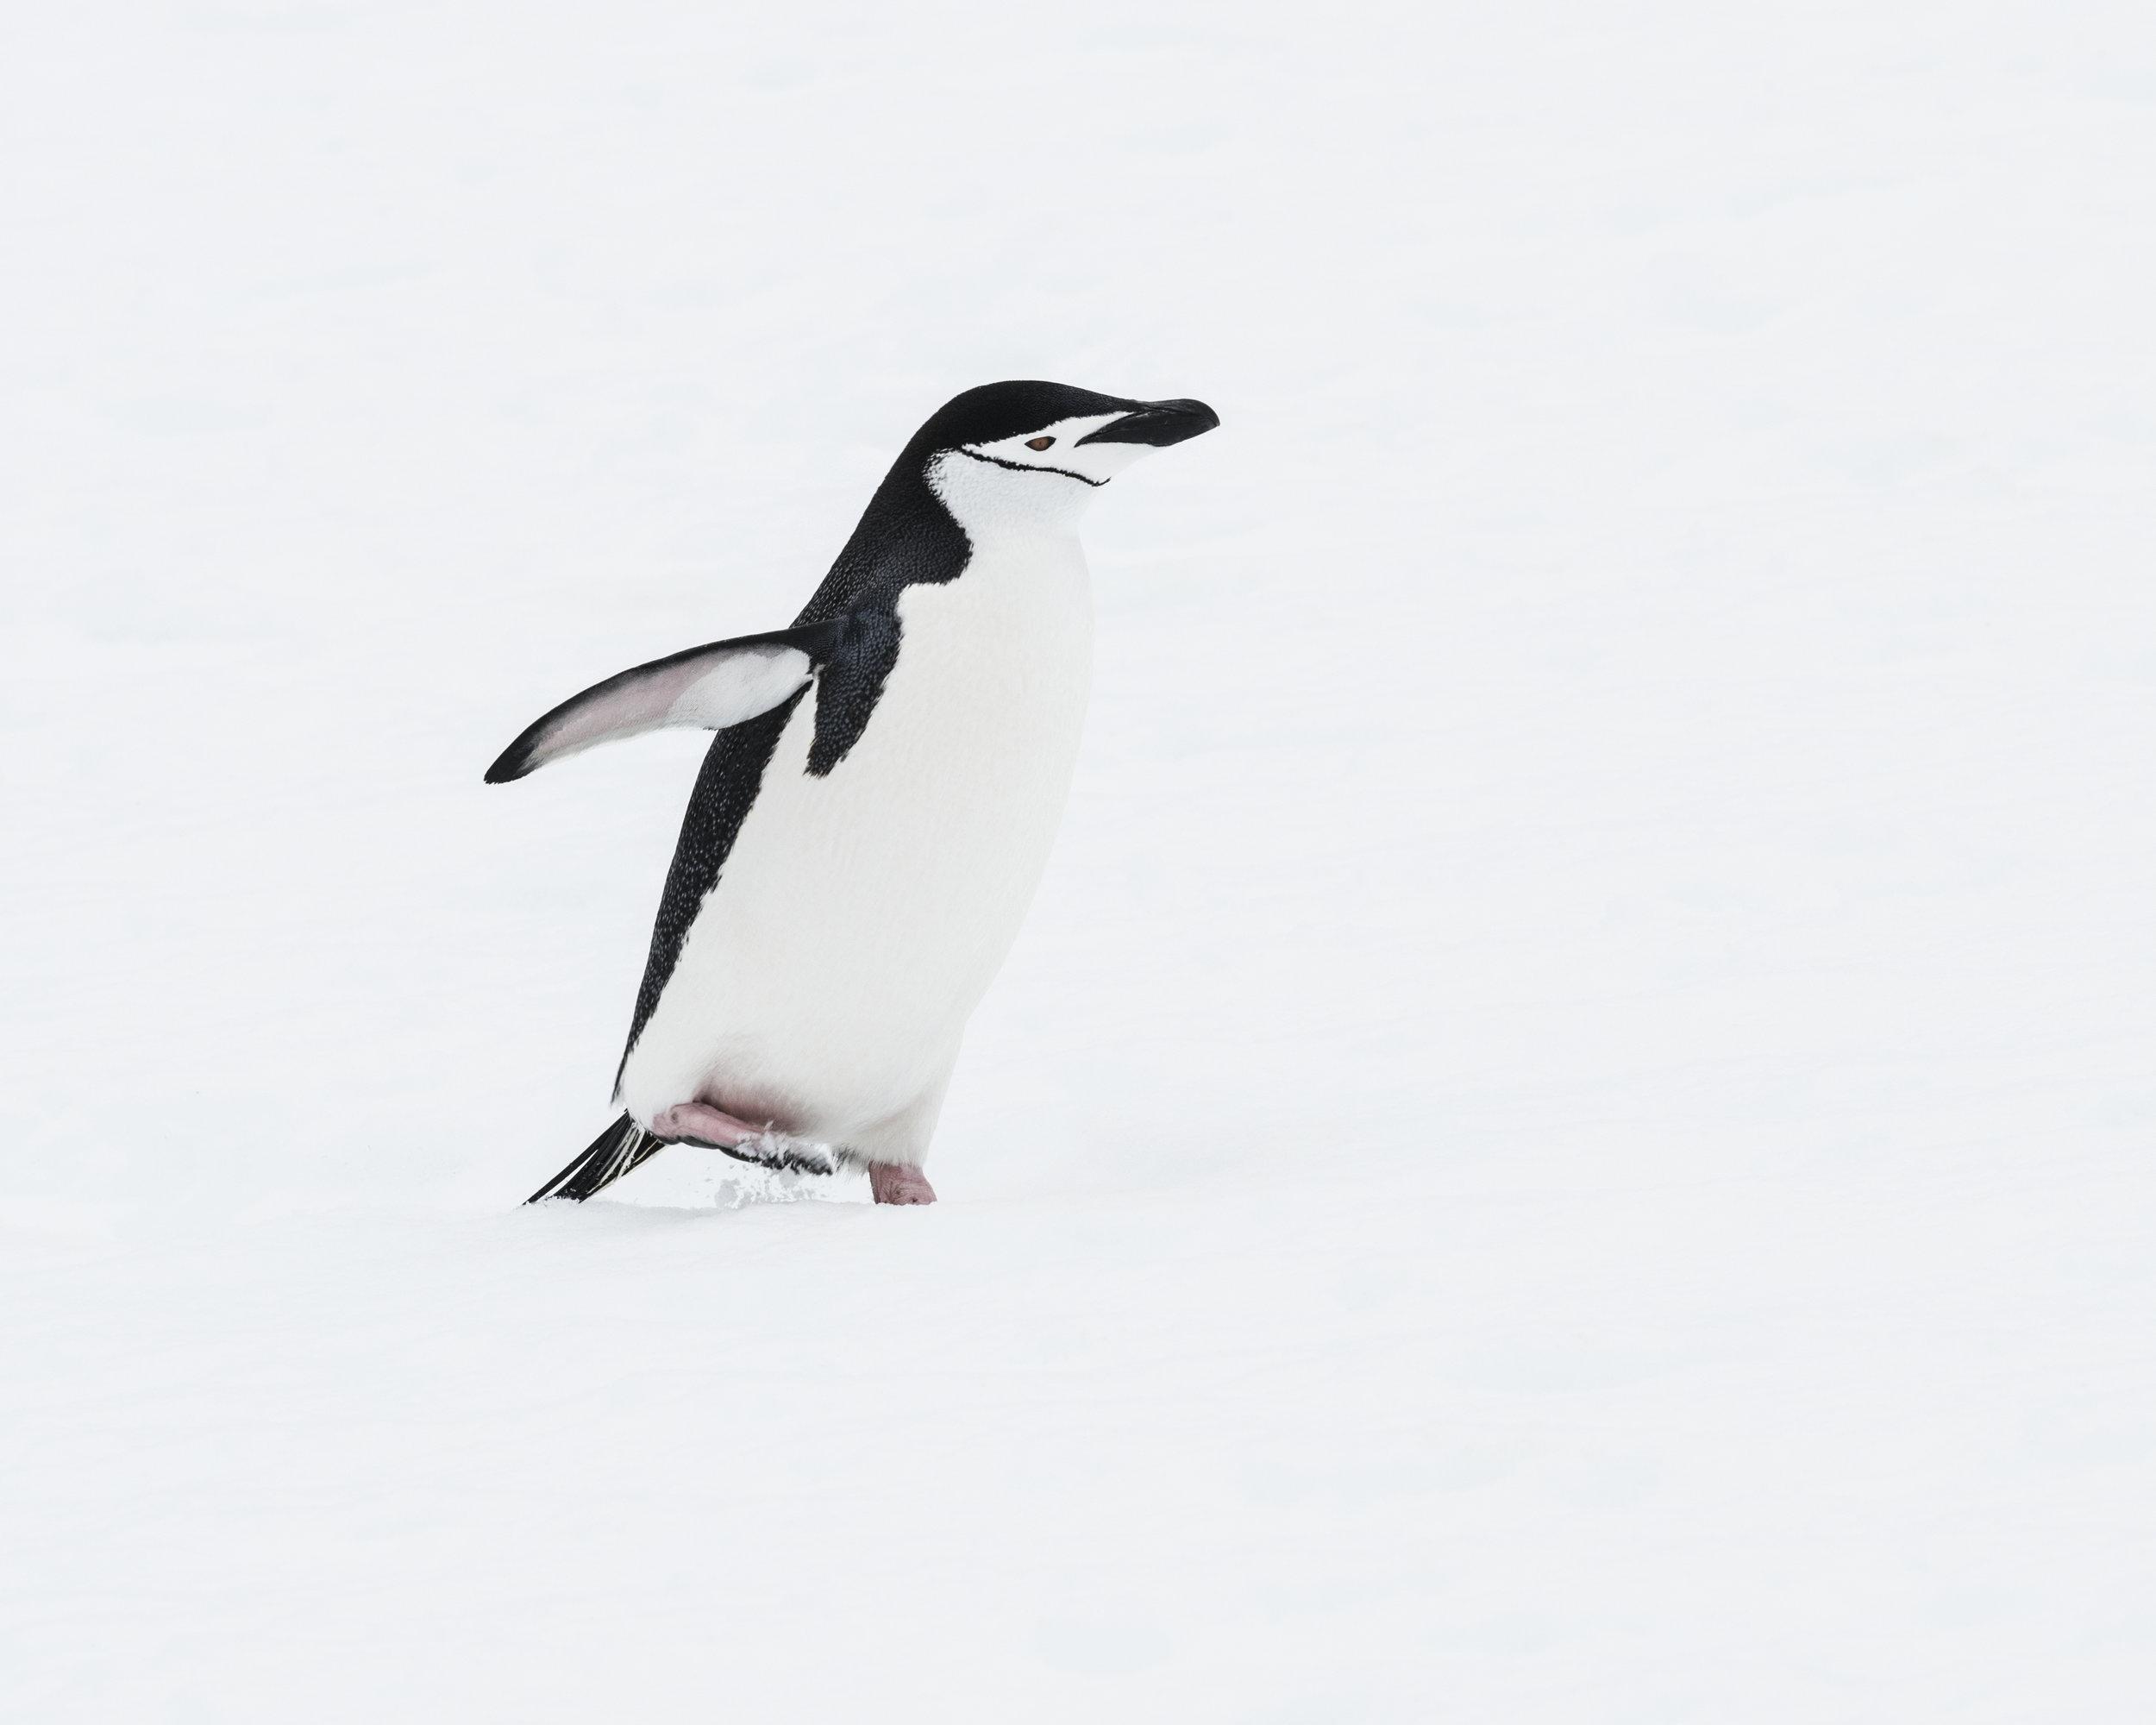 penguin31.jpg